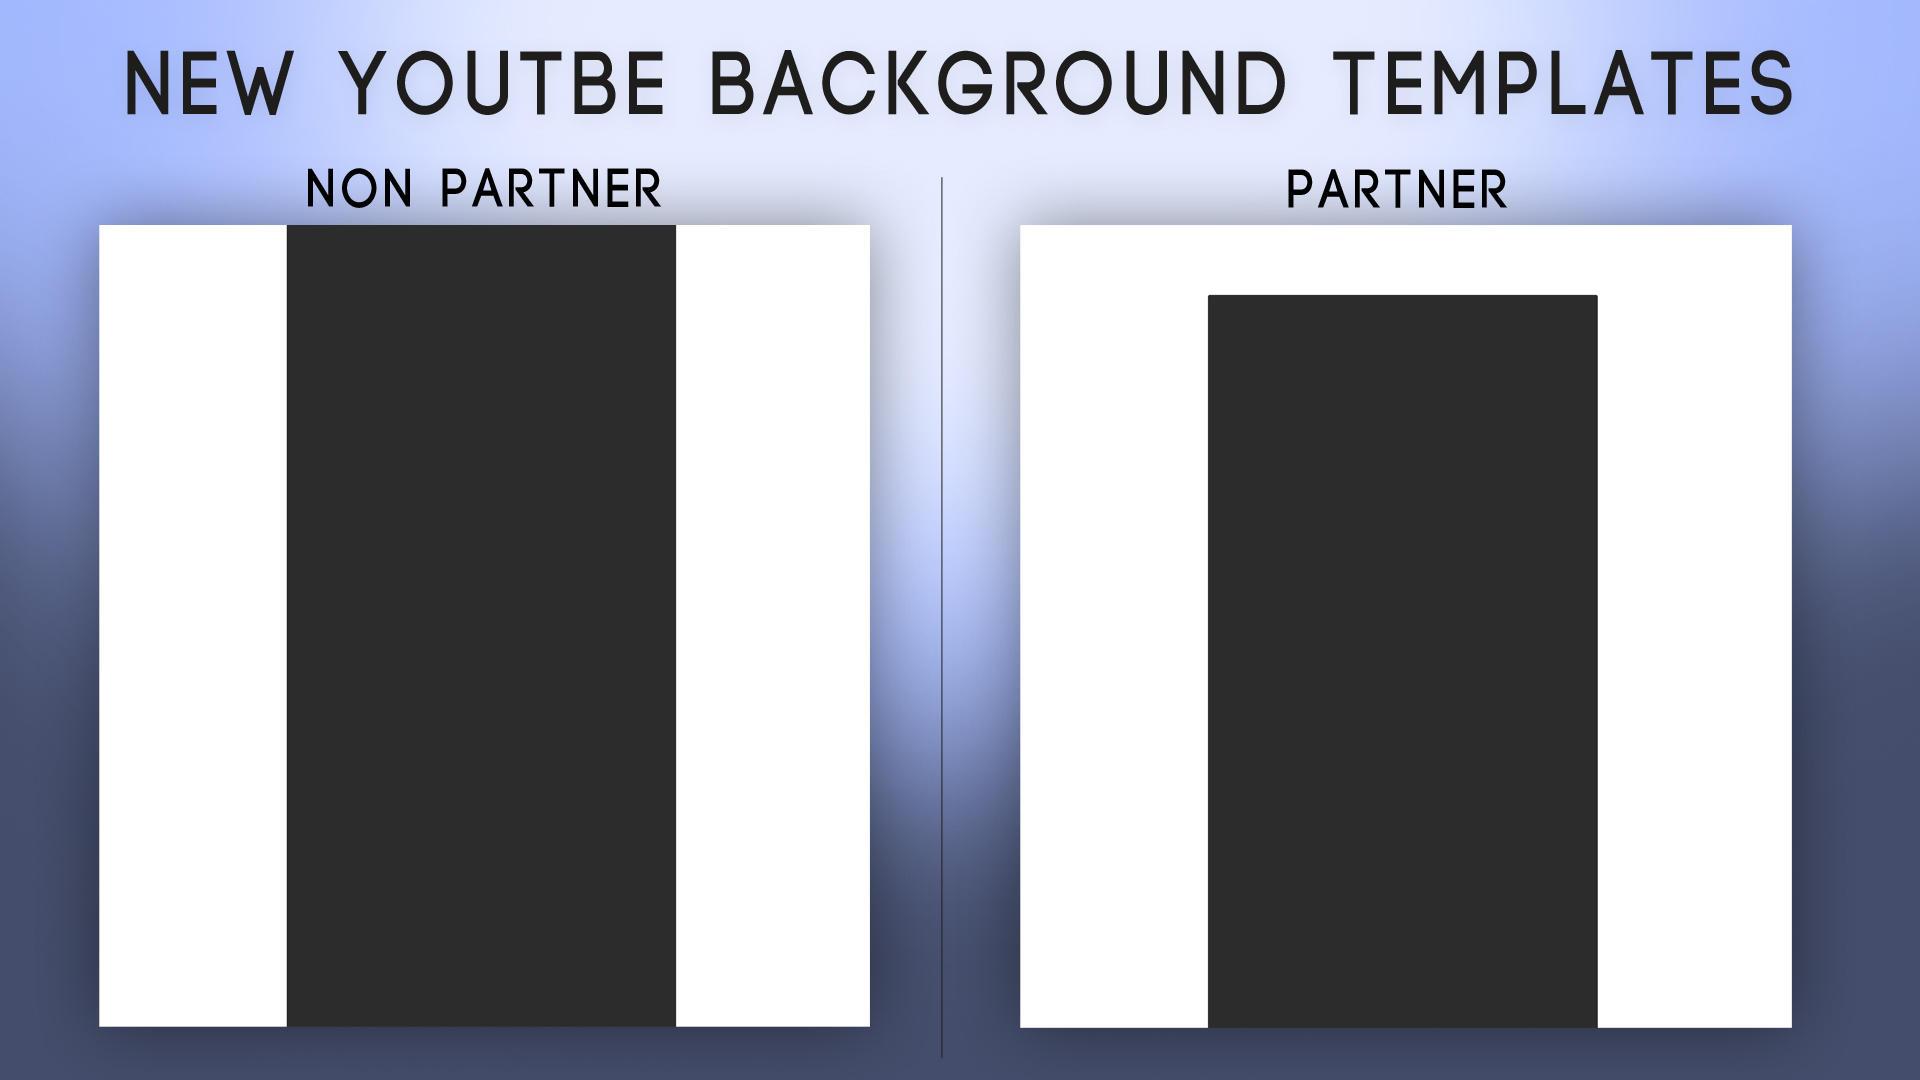 New Youtube Templates 2012 -Beta- by JonasForTheArt on DeviantArt